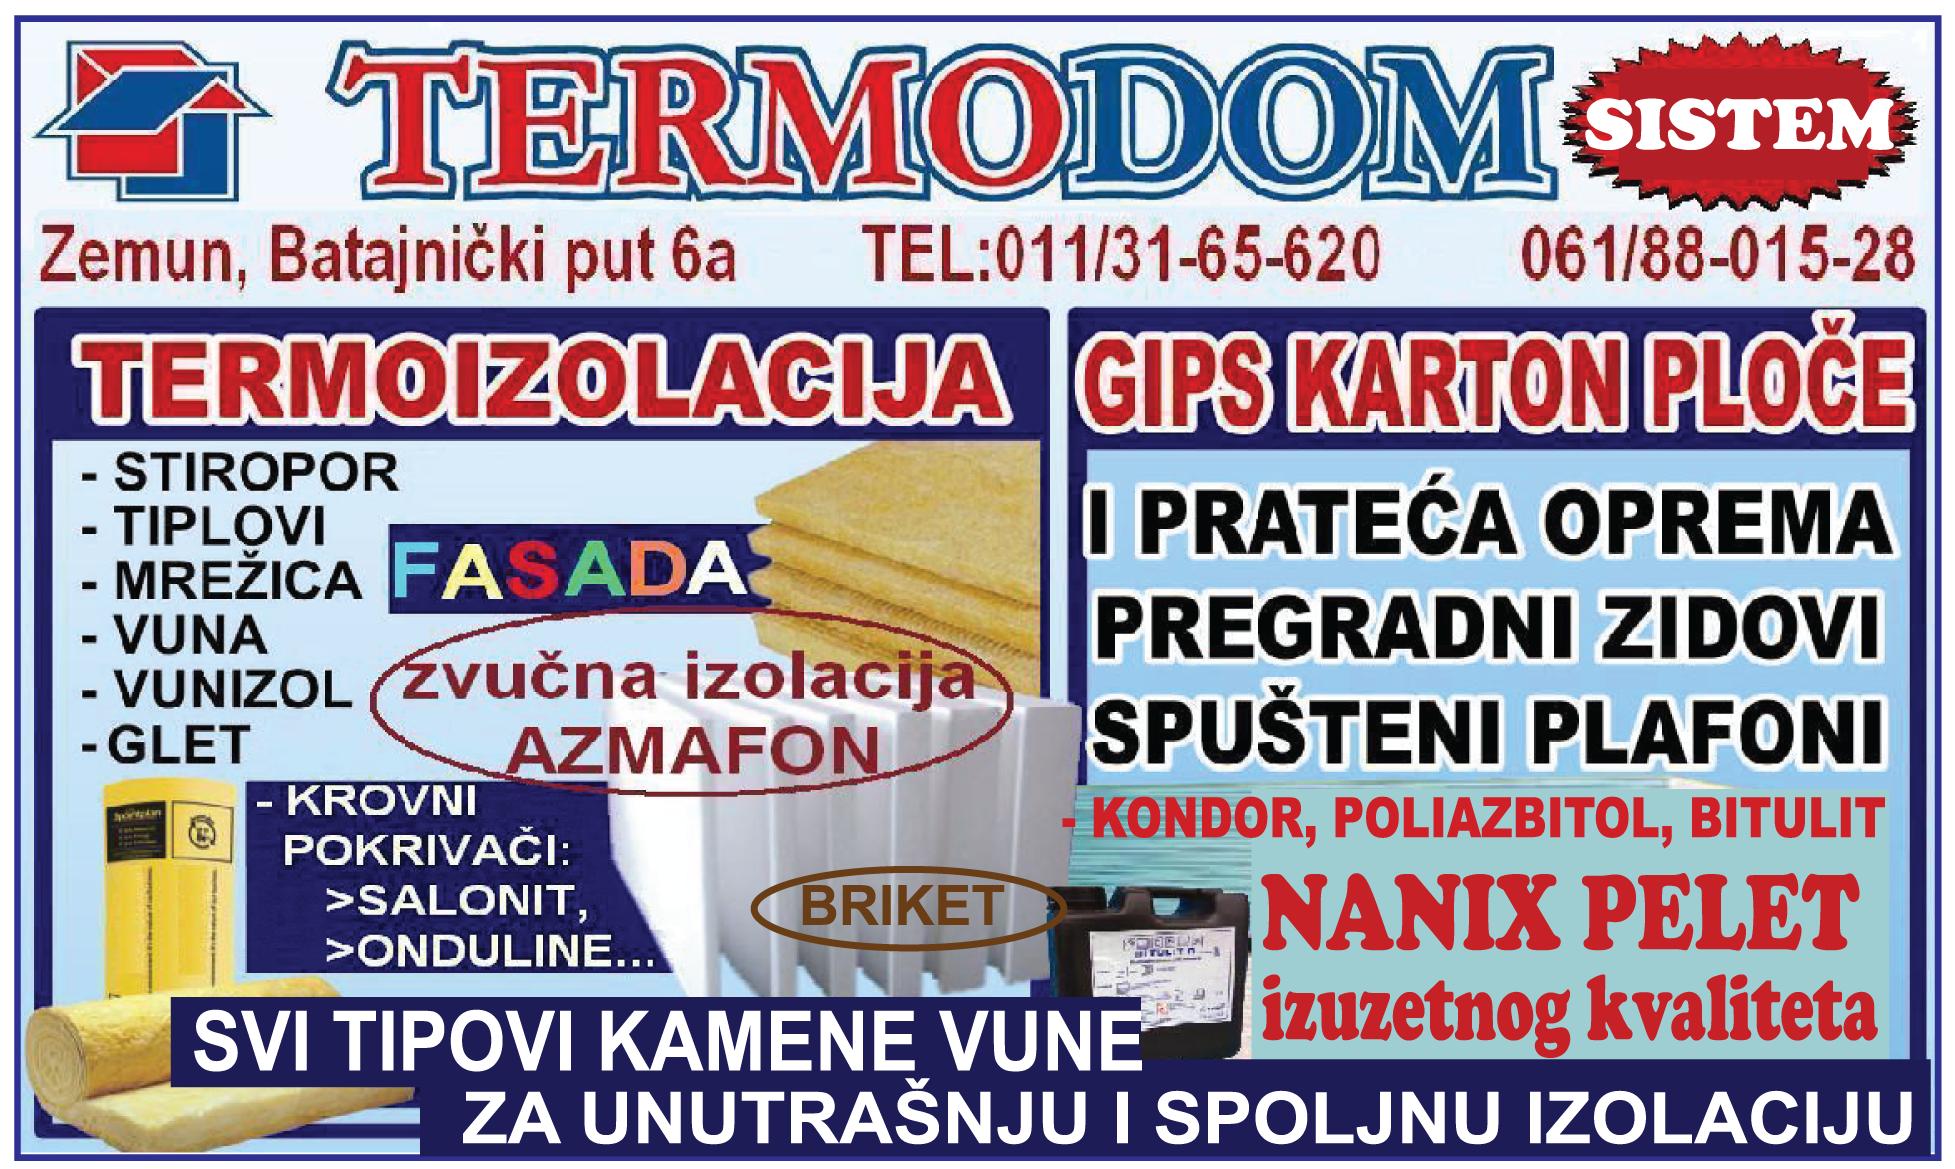 termodom-stovariste-zemun-gradjevina-materijal-pelet-nanix-reklame-oglasavanje-marketing-putovanja-letovanjegrcka-nov-2018 (3)